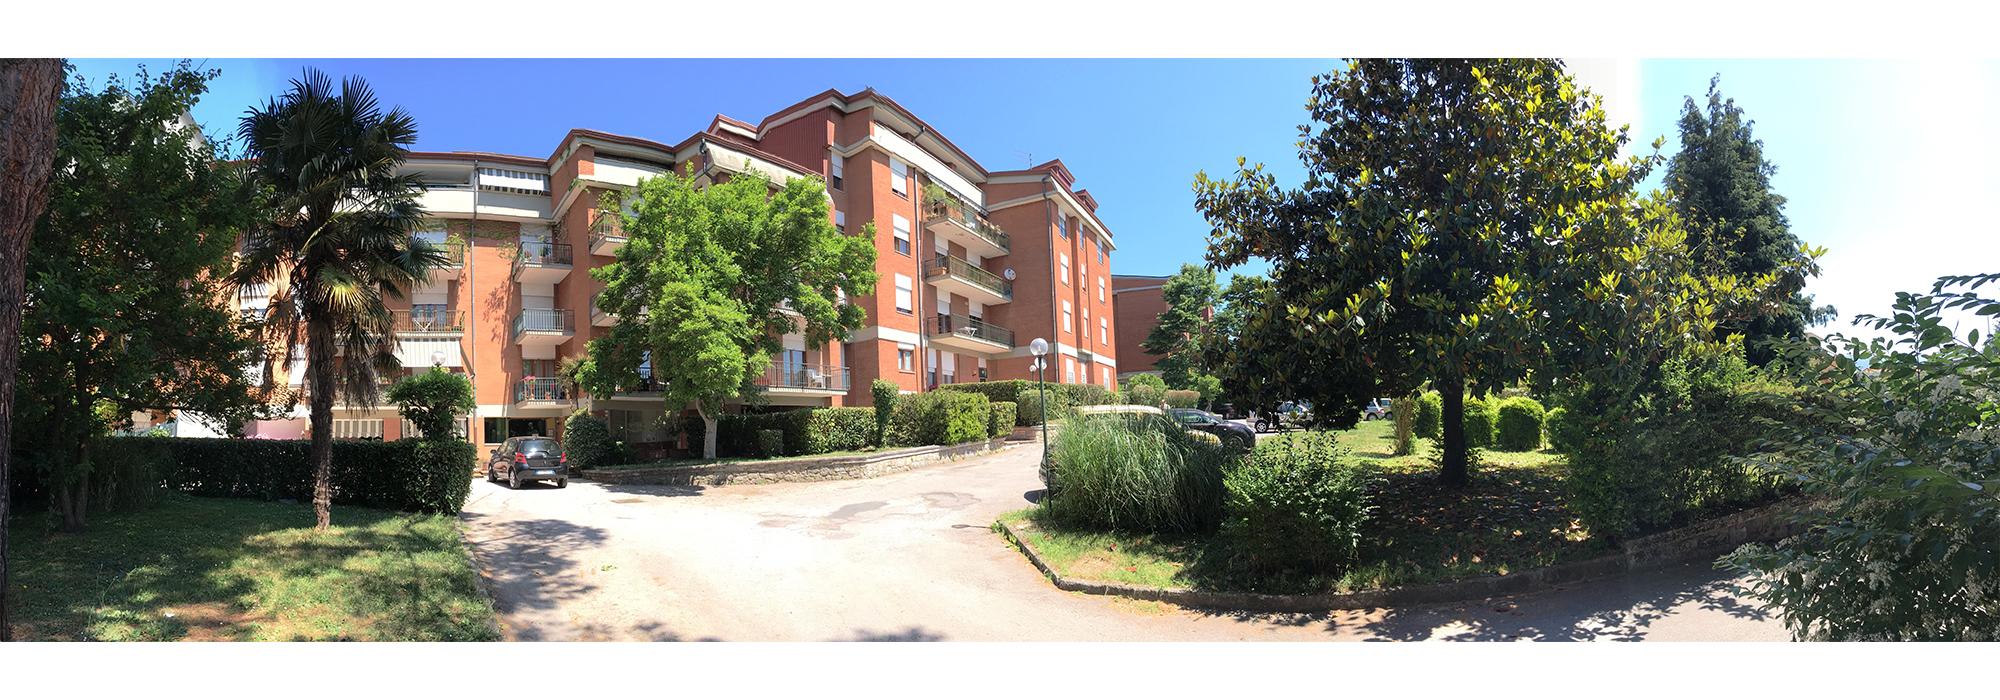 Appartamento in parco con box auto in via Annarumma